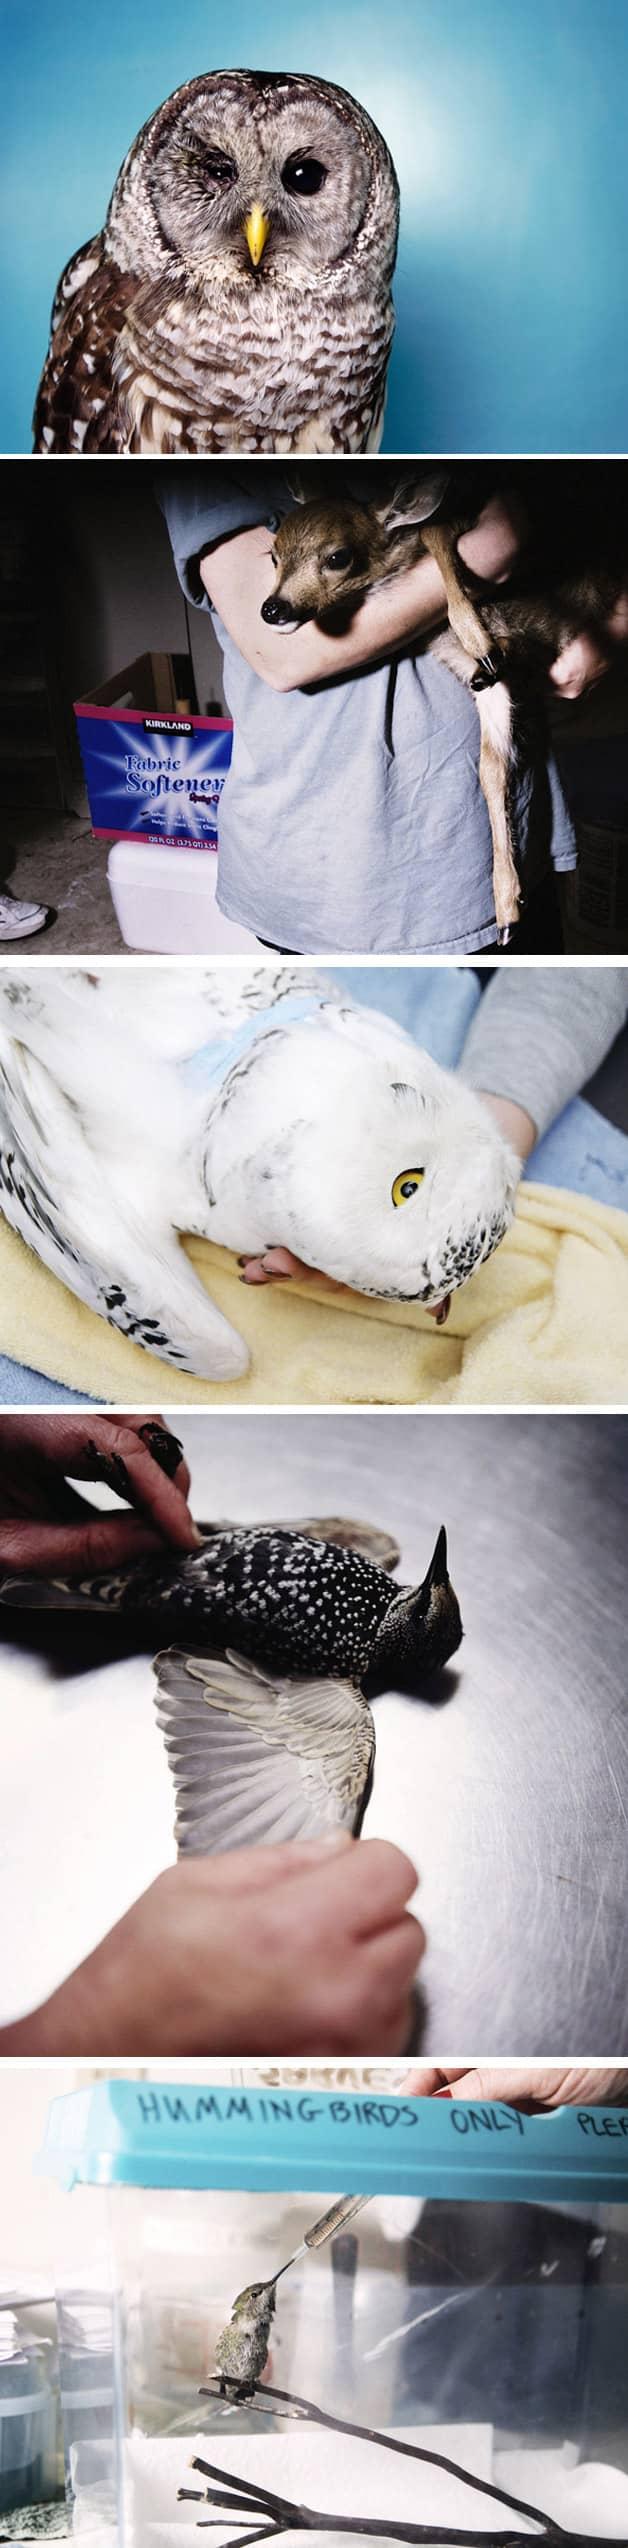 Ajudando animais feridos, fotógrafa percebe o quanto somos parecidos com eles 4